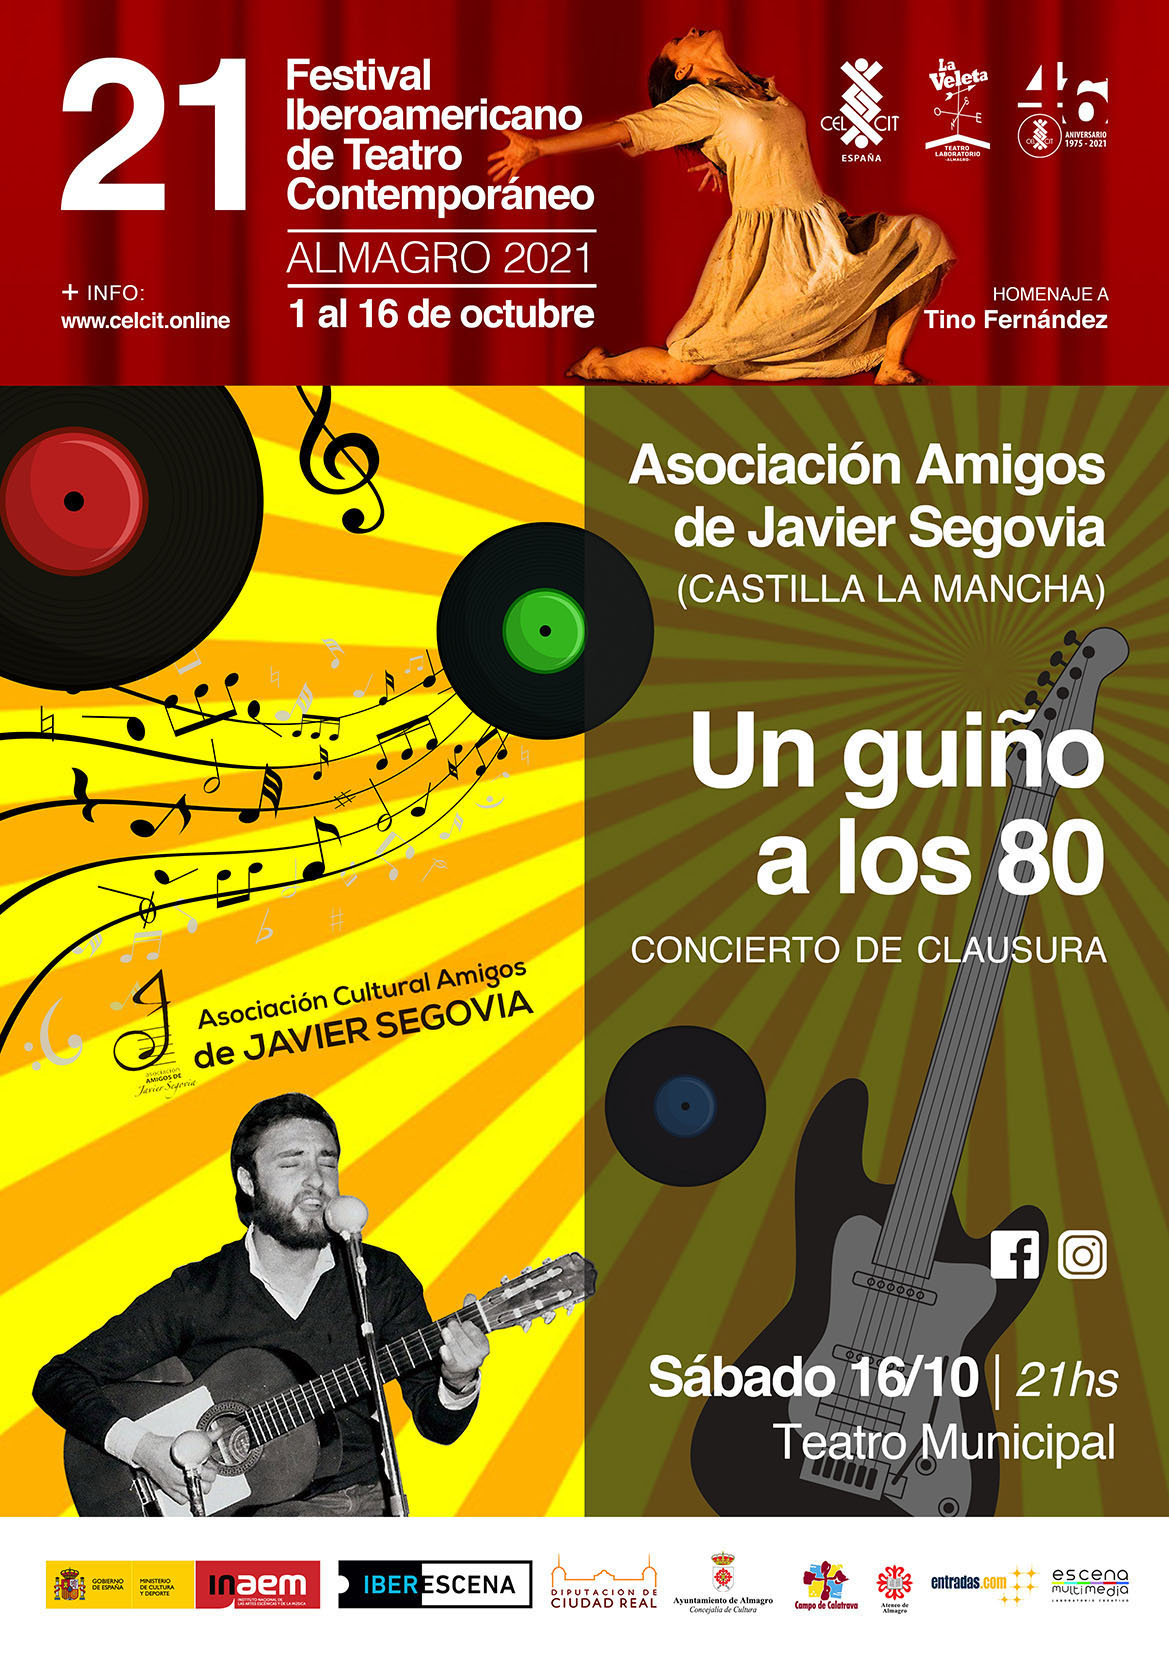 21 Festival Iberoamericano de Teatro Contemporáneo. Un guiño a los 80 (Castilla-La Mancha)